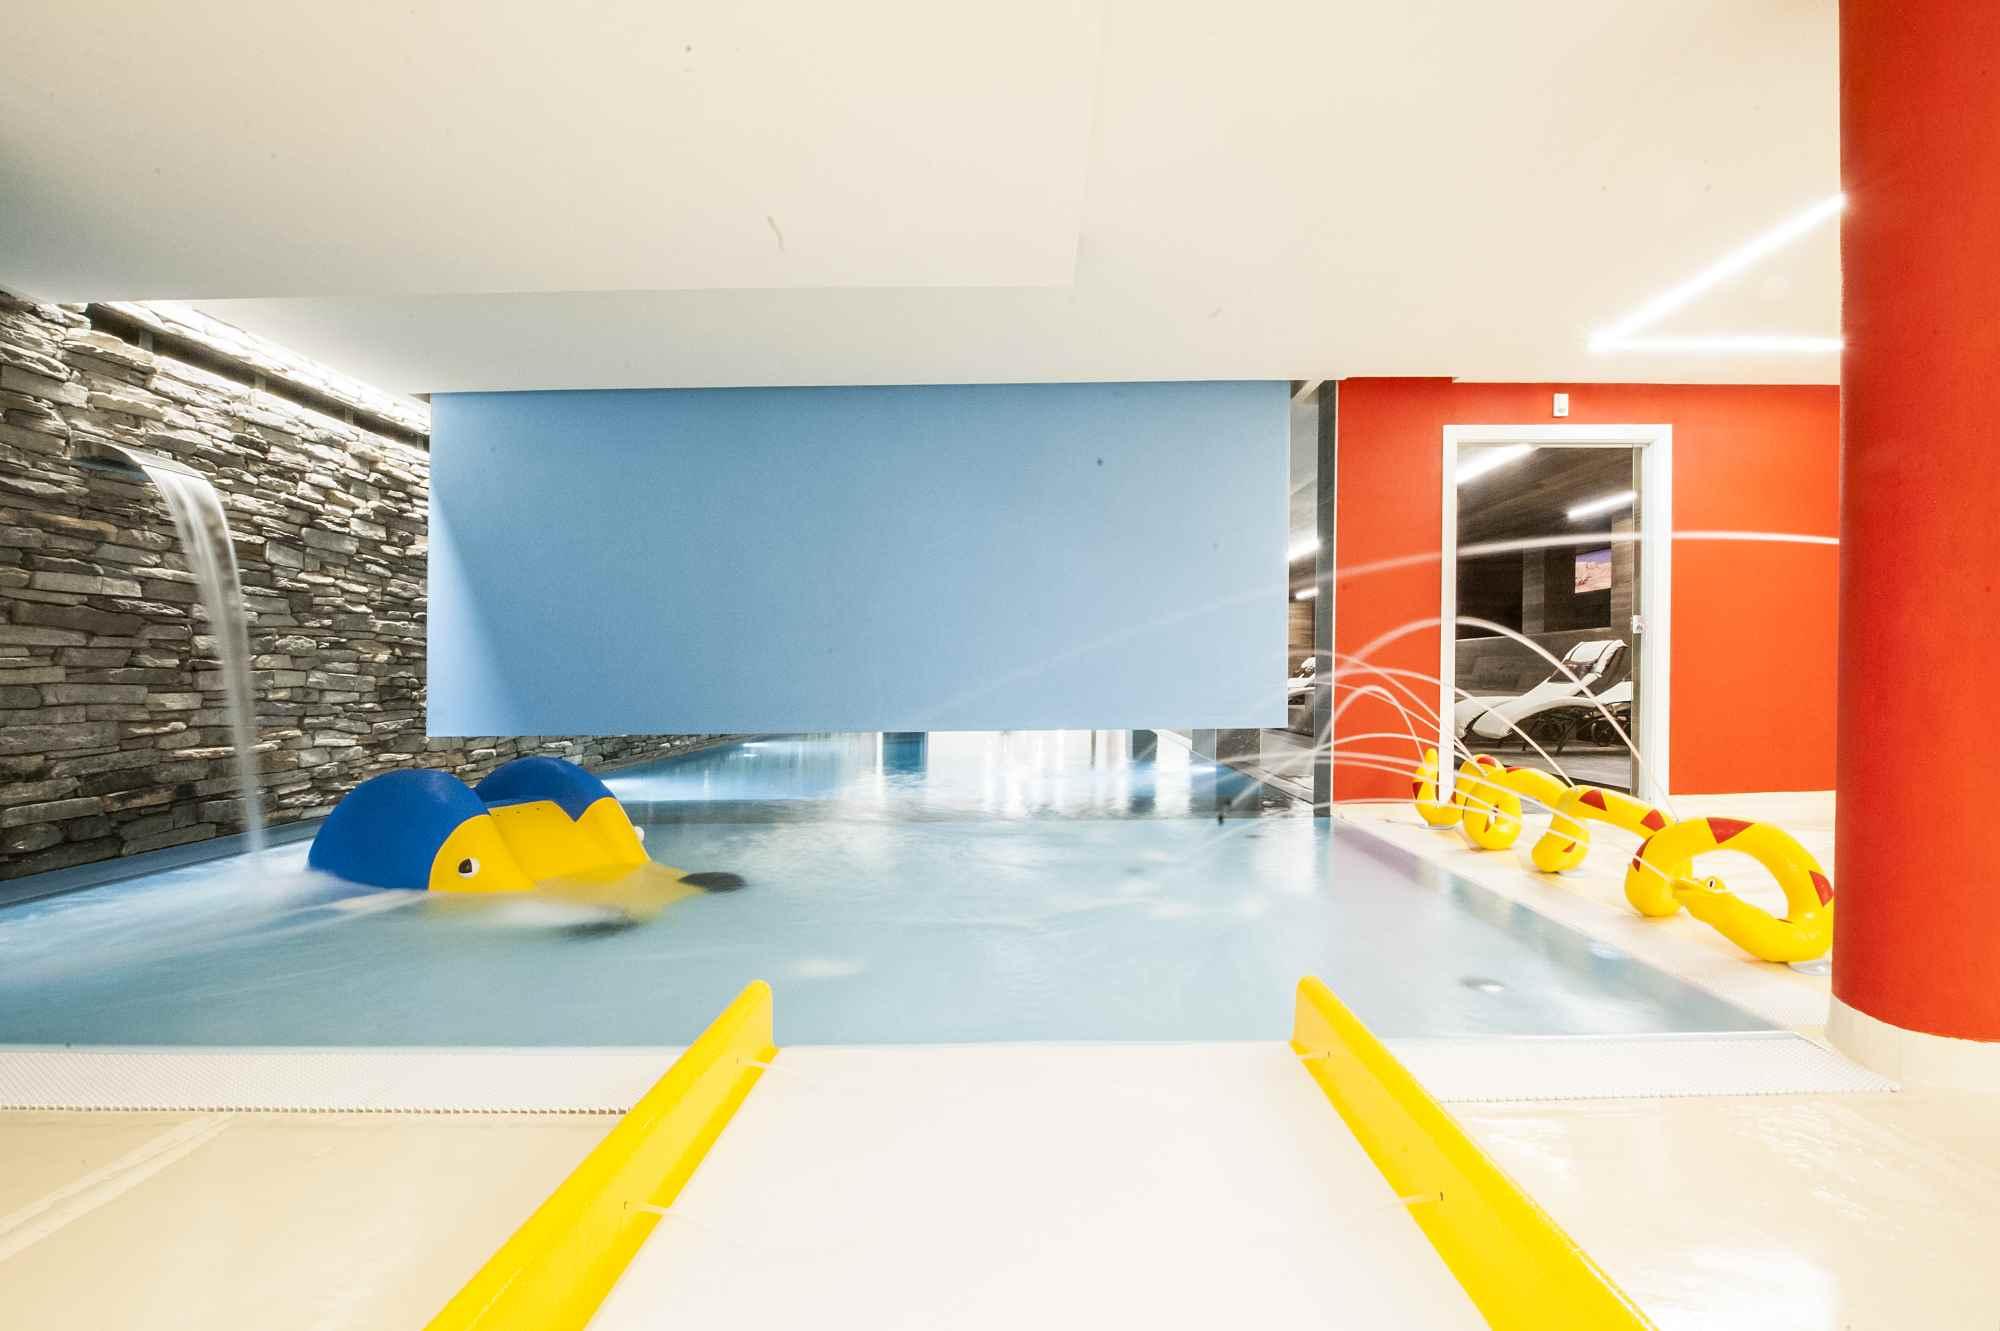 Estate a livigno per famiglie numerose hotel touring - Livigno hotel con piscina ...